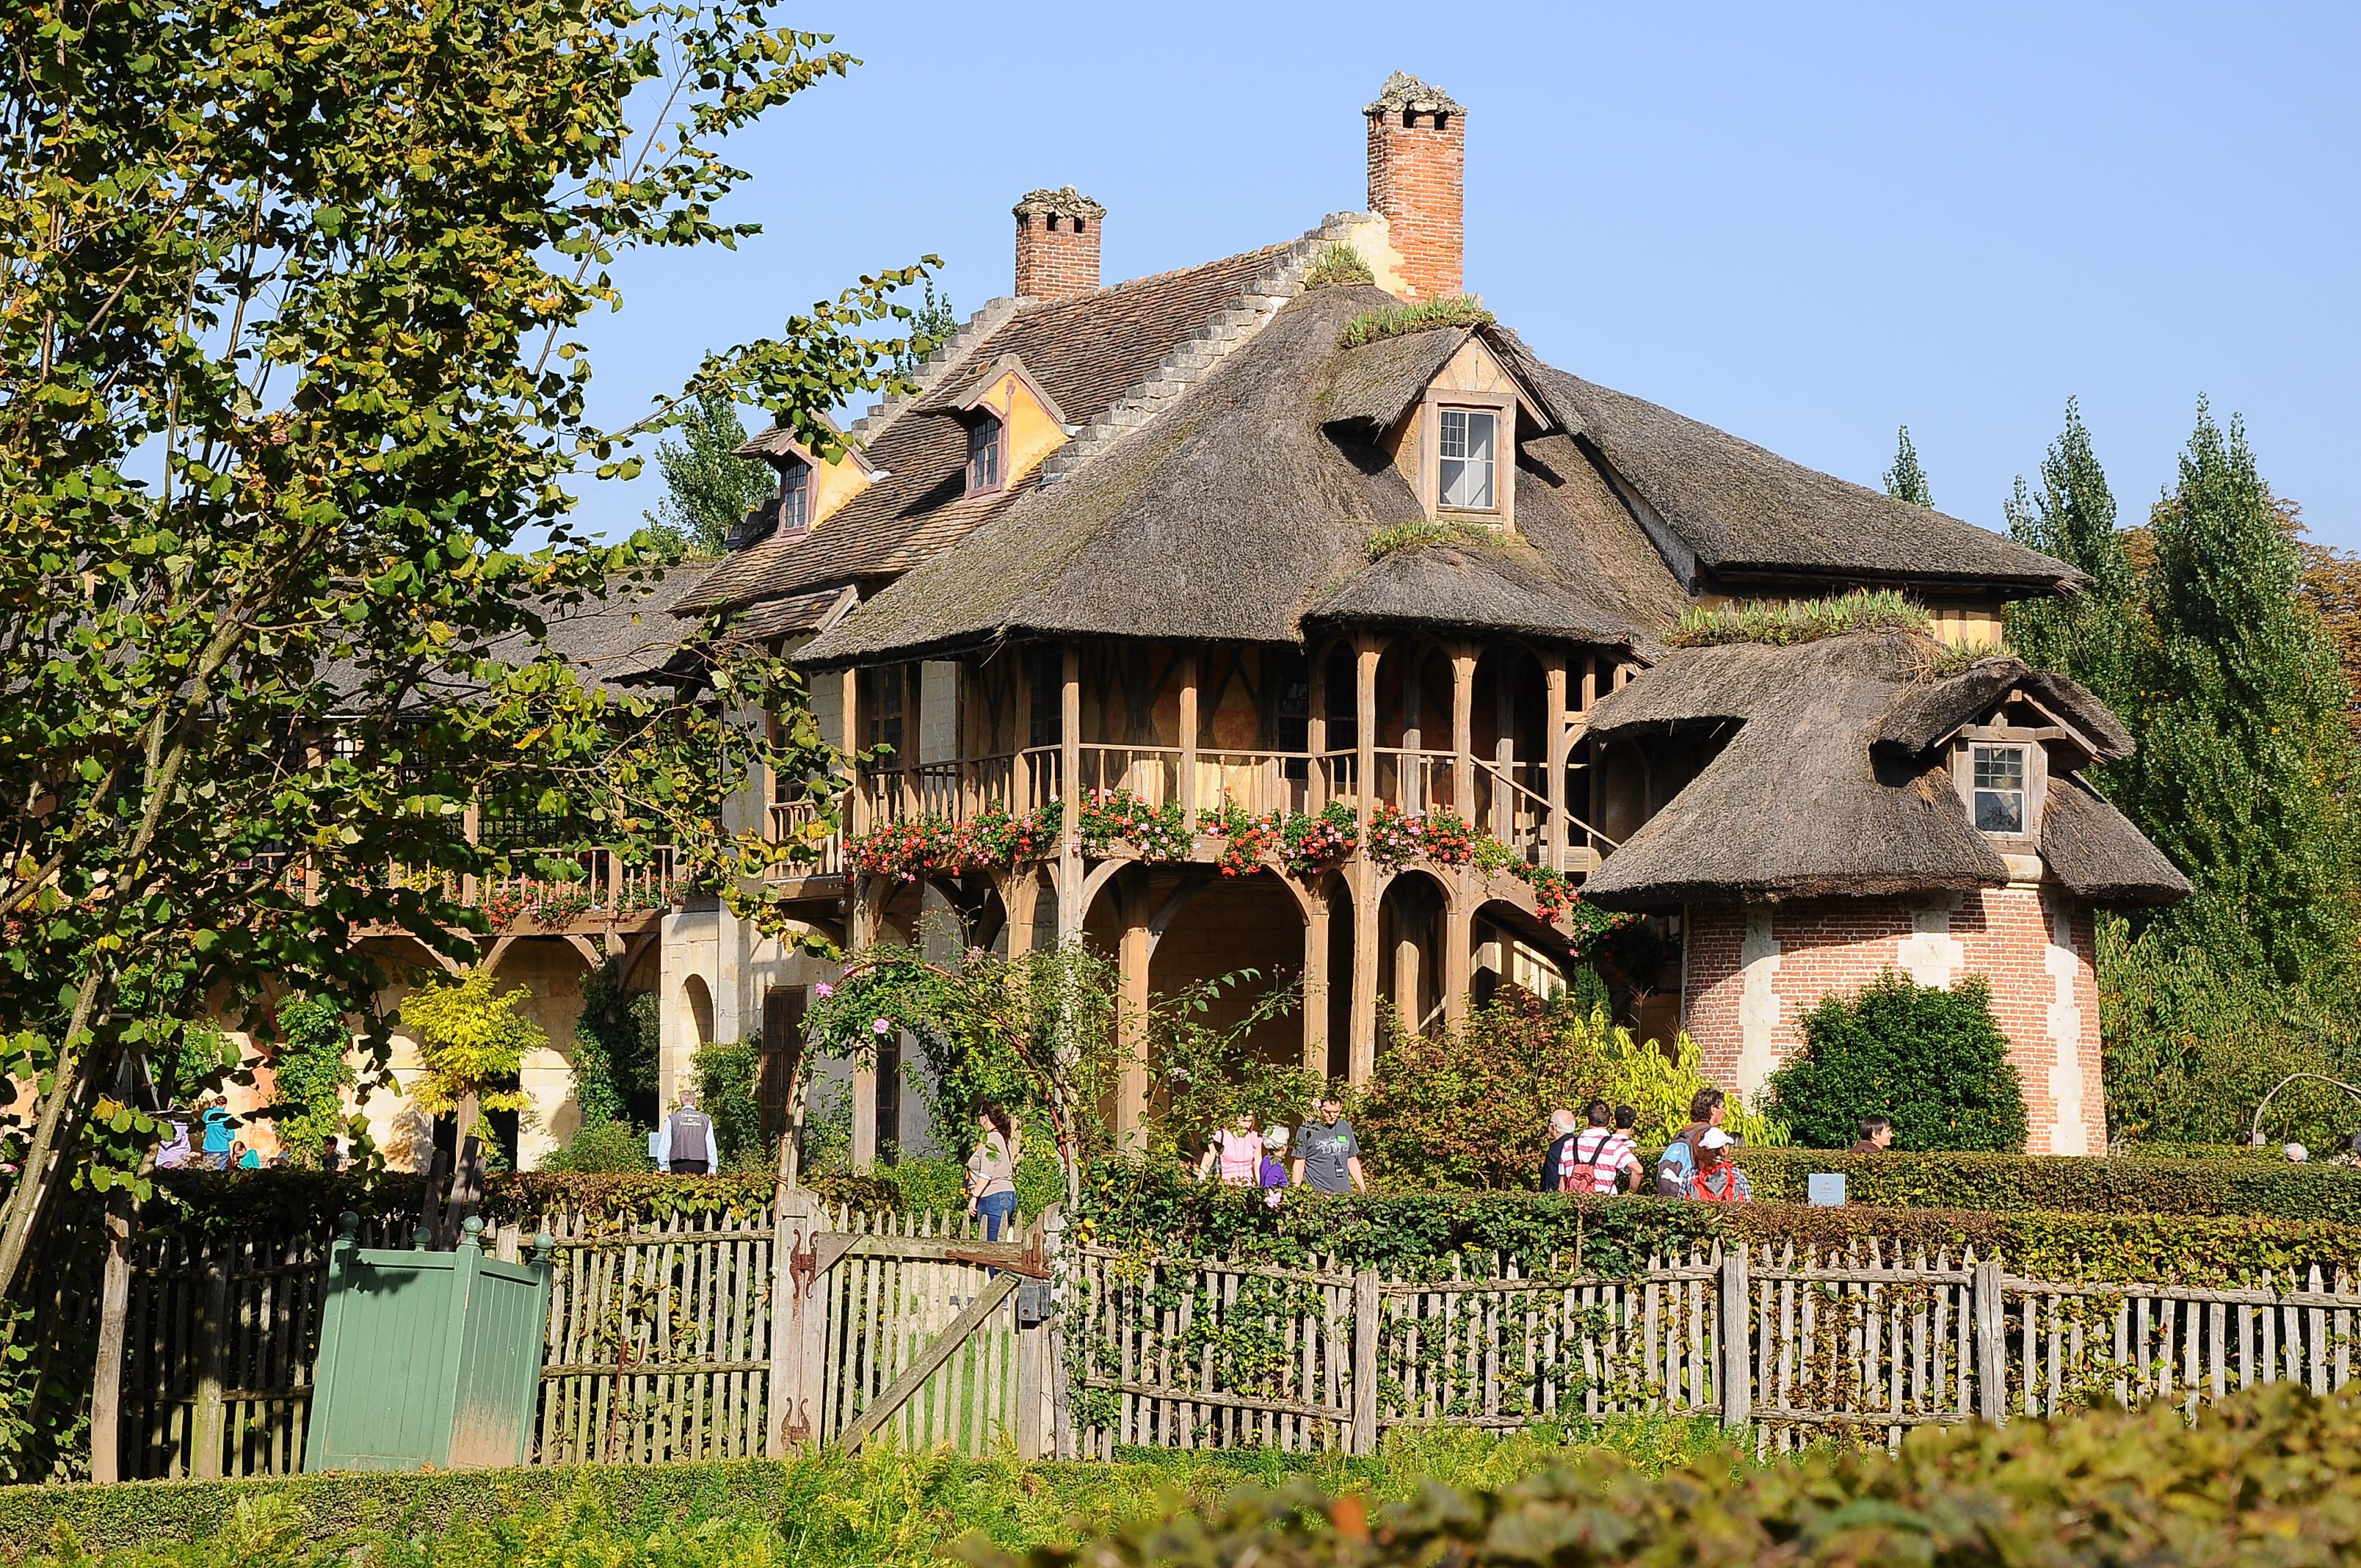 file maison de la reine au hameau versailles 013 jpg wikimedia commons. Black Bedroom Furniture Sets. Home Design Ideas